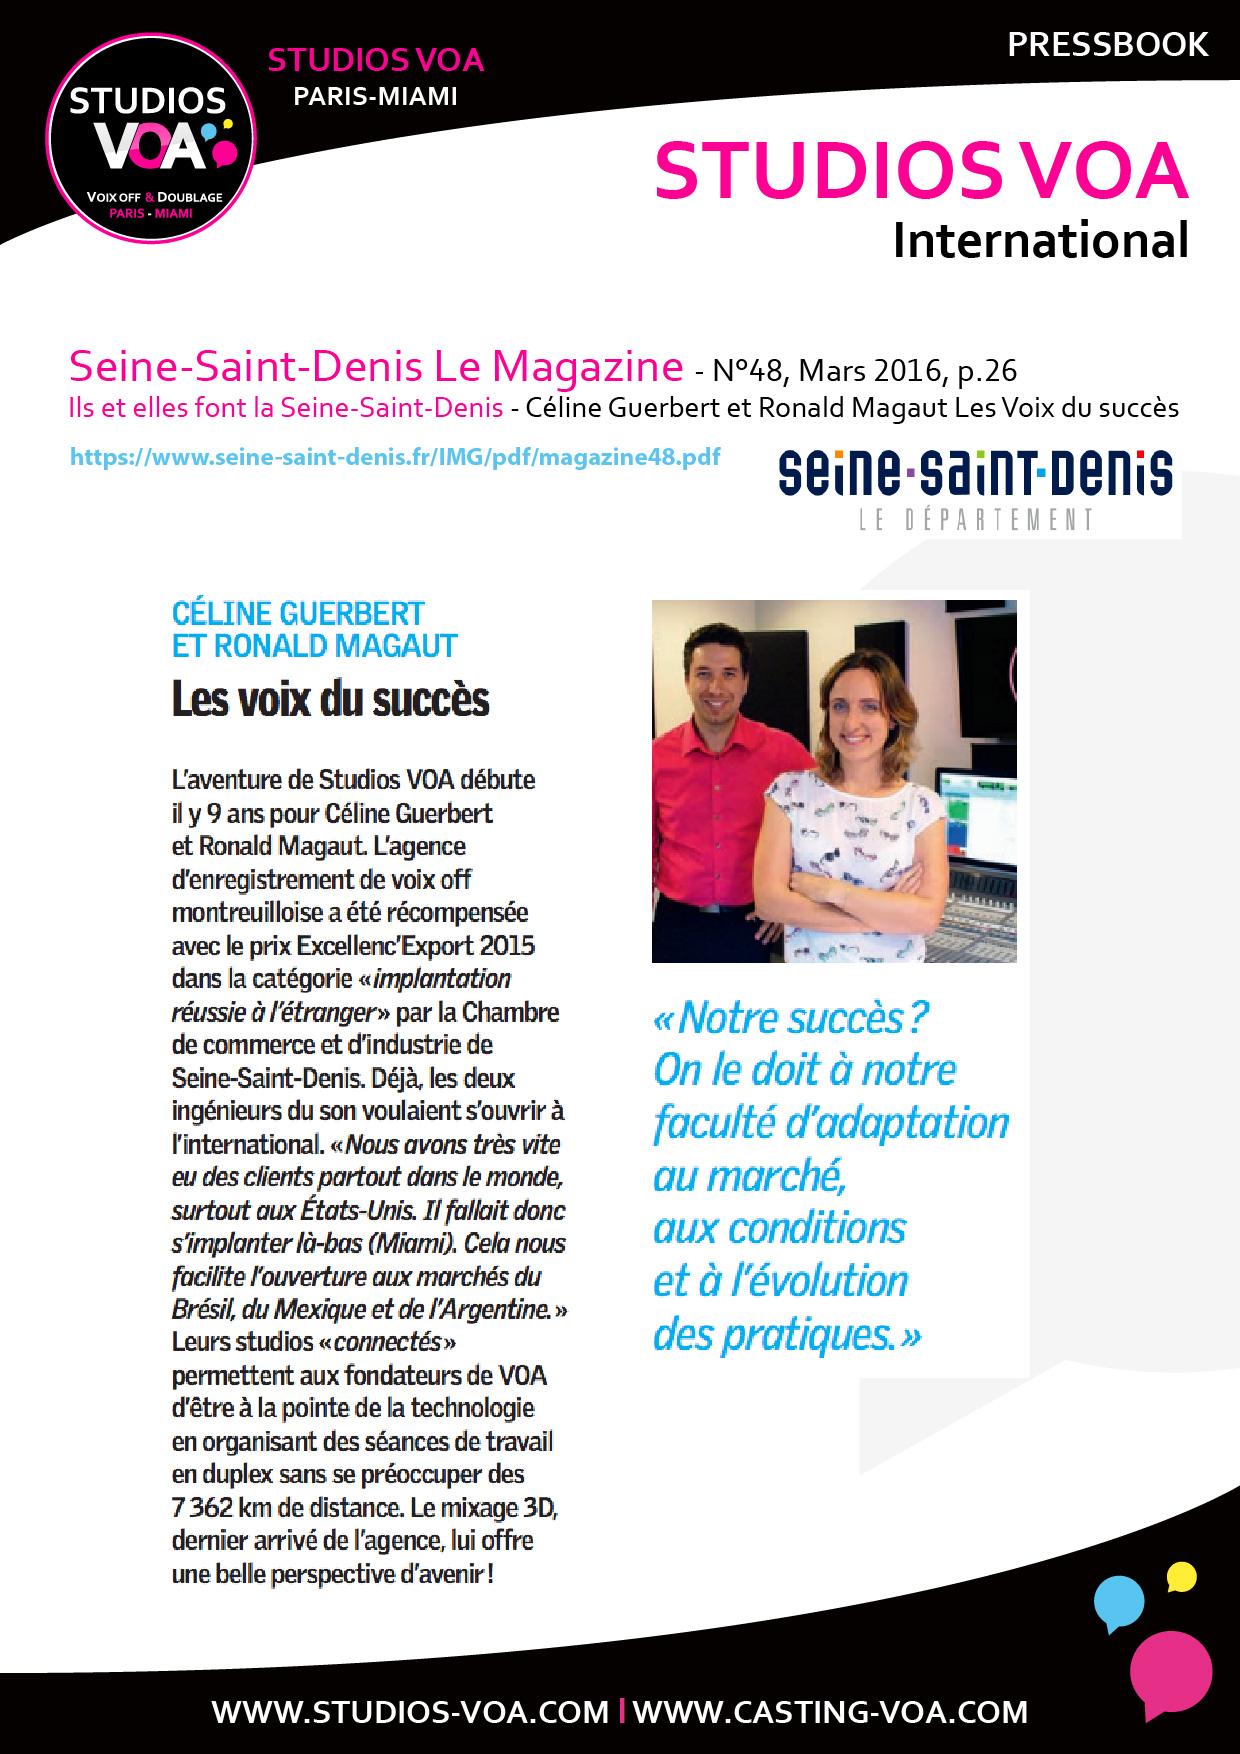 Pressbook-VOA_160301_Plan-de-travail-011-Seine-St-Denis_Plan-de-travail-222-copie